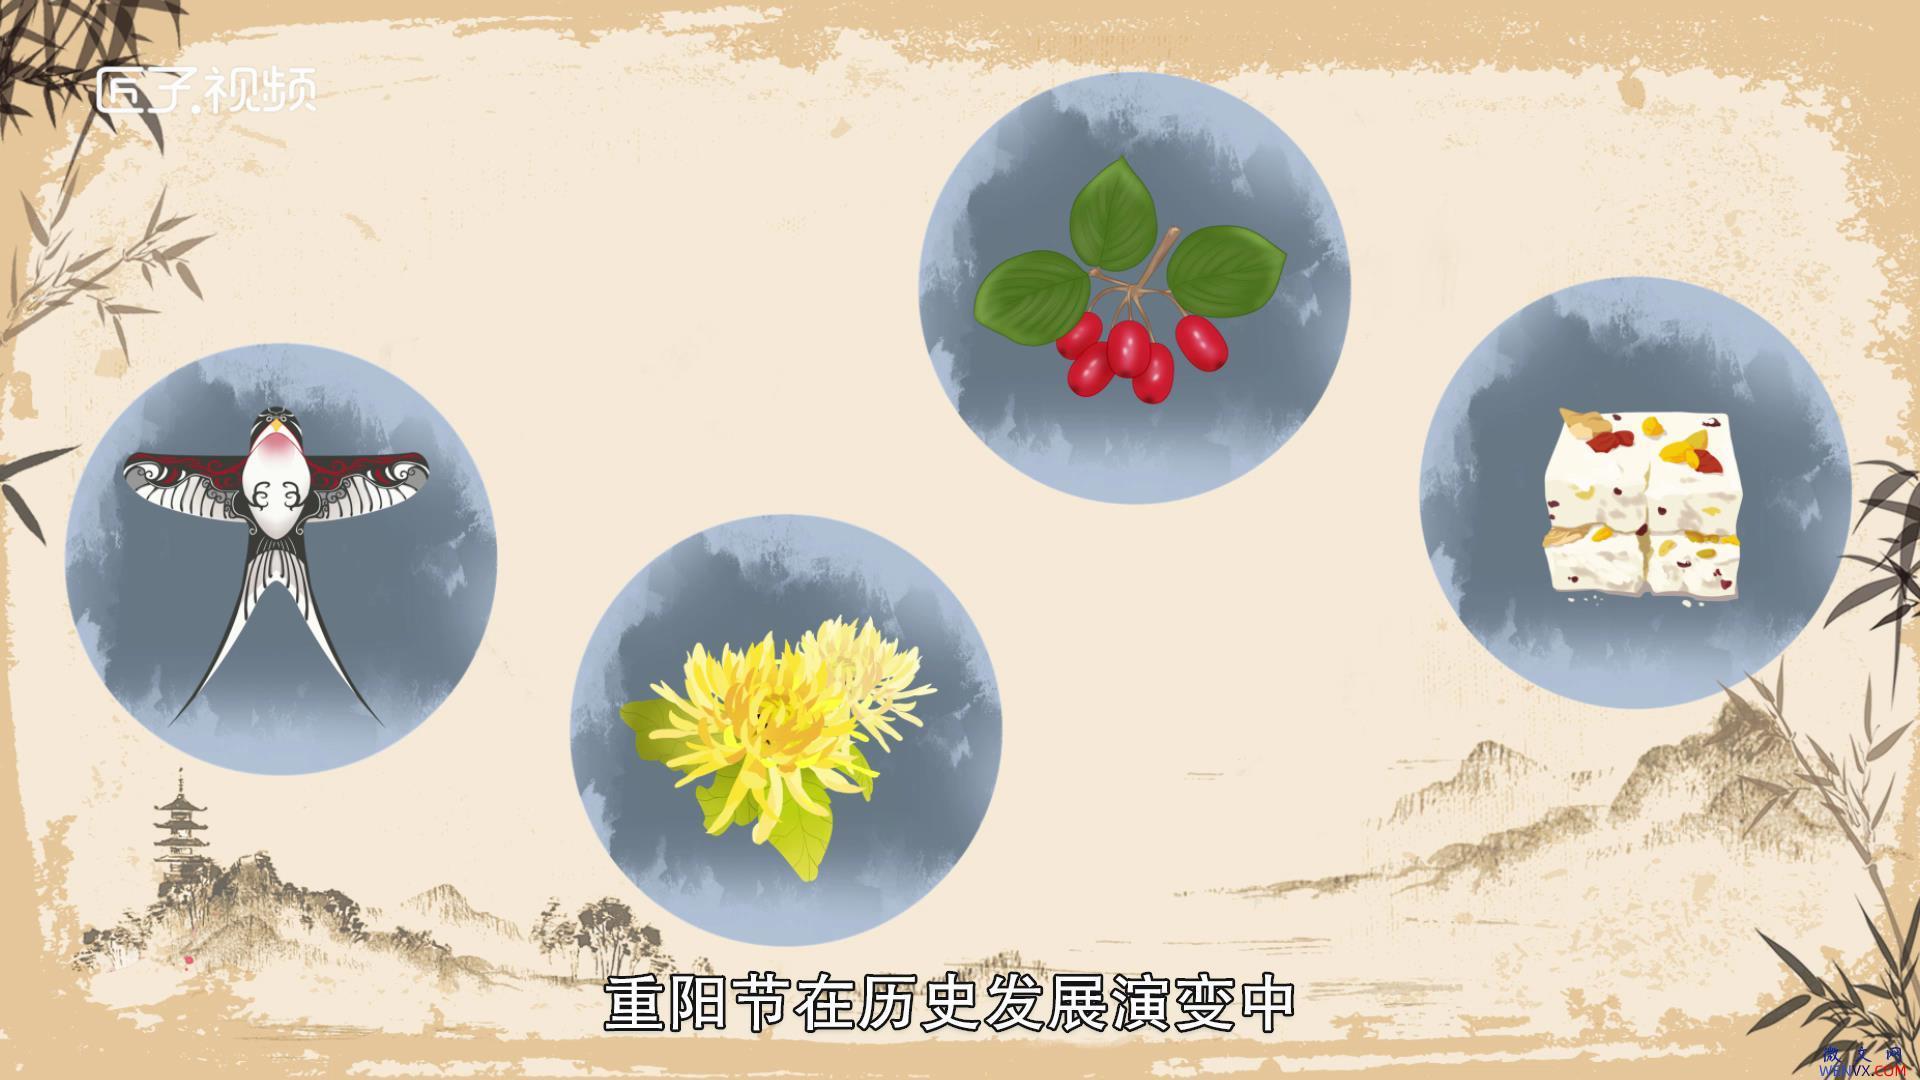 重阳节的习俗有哪些